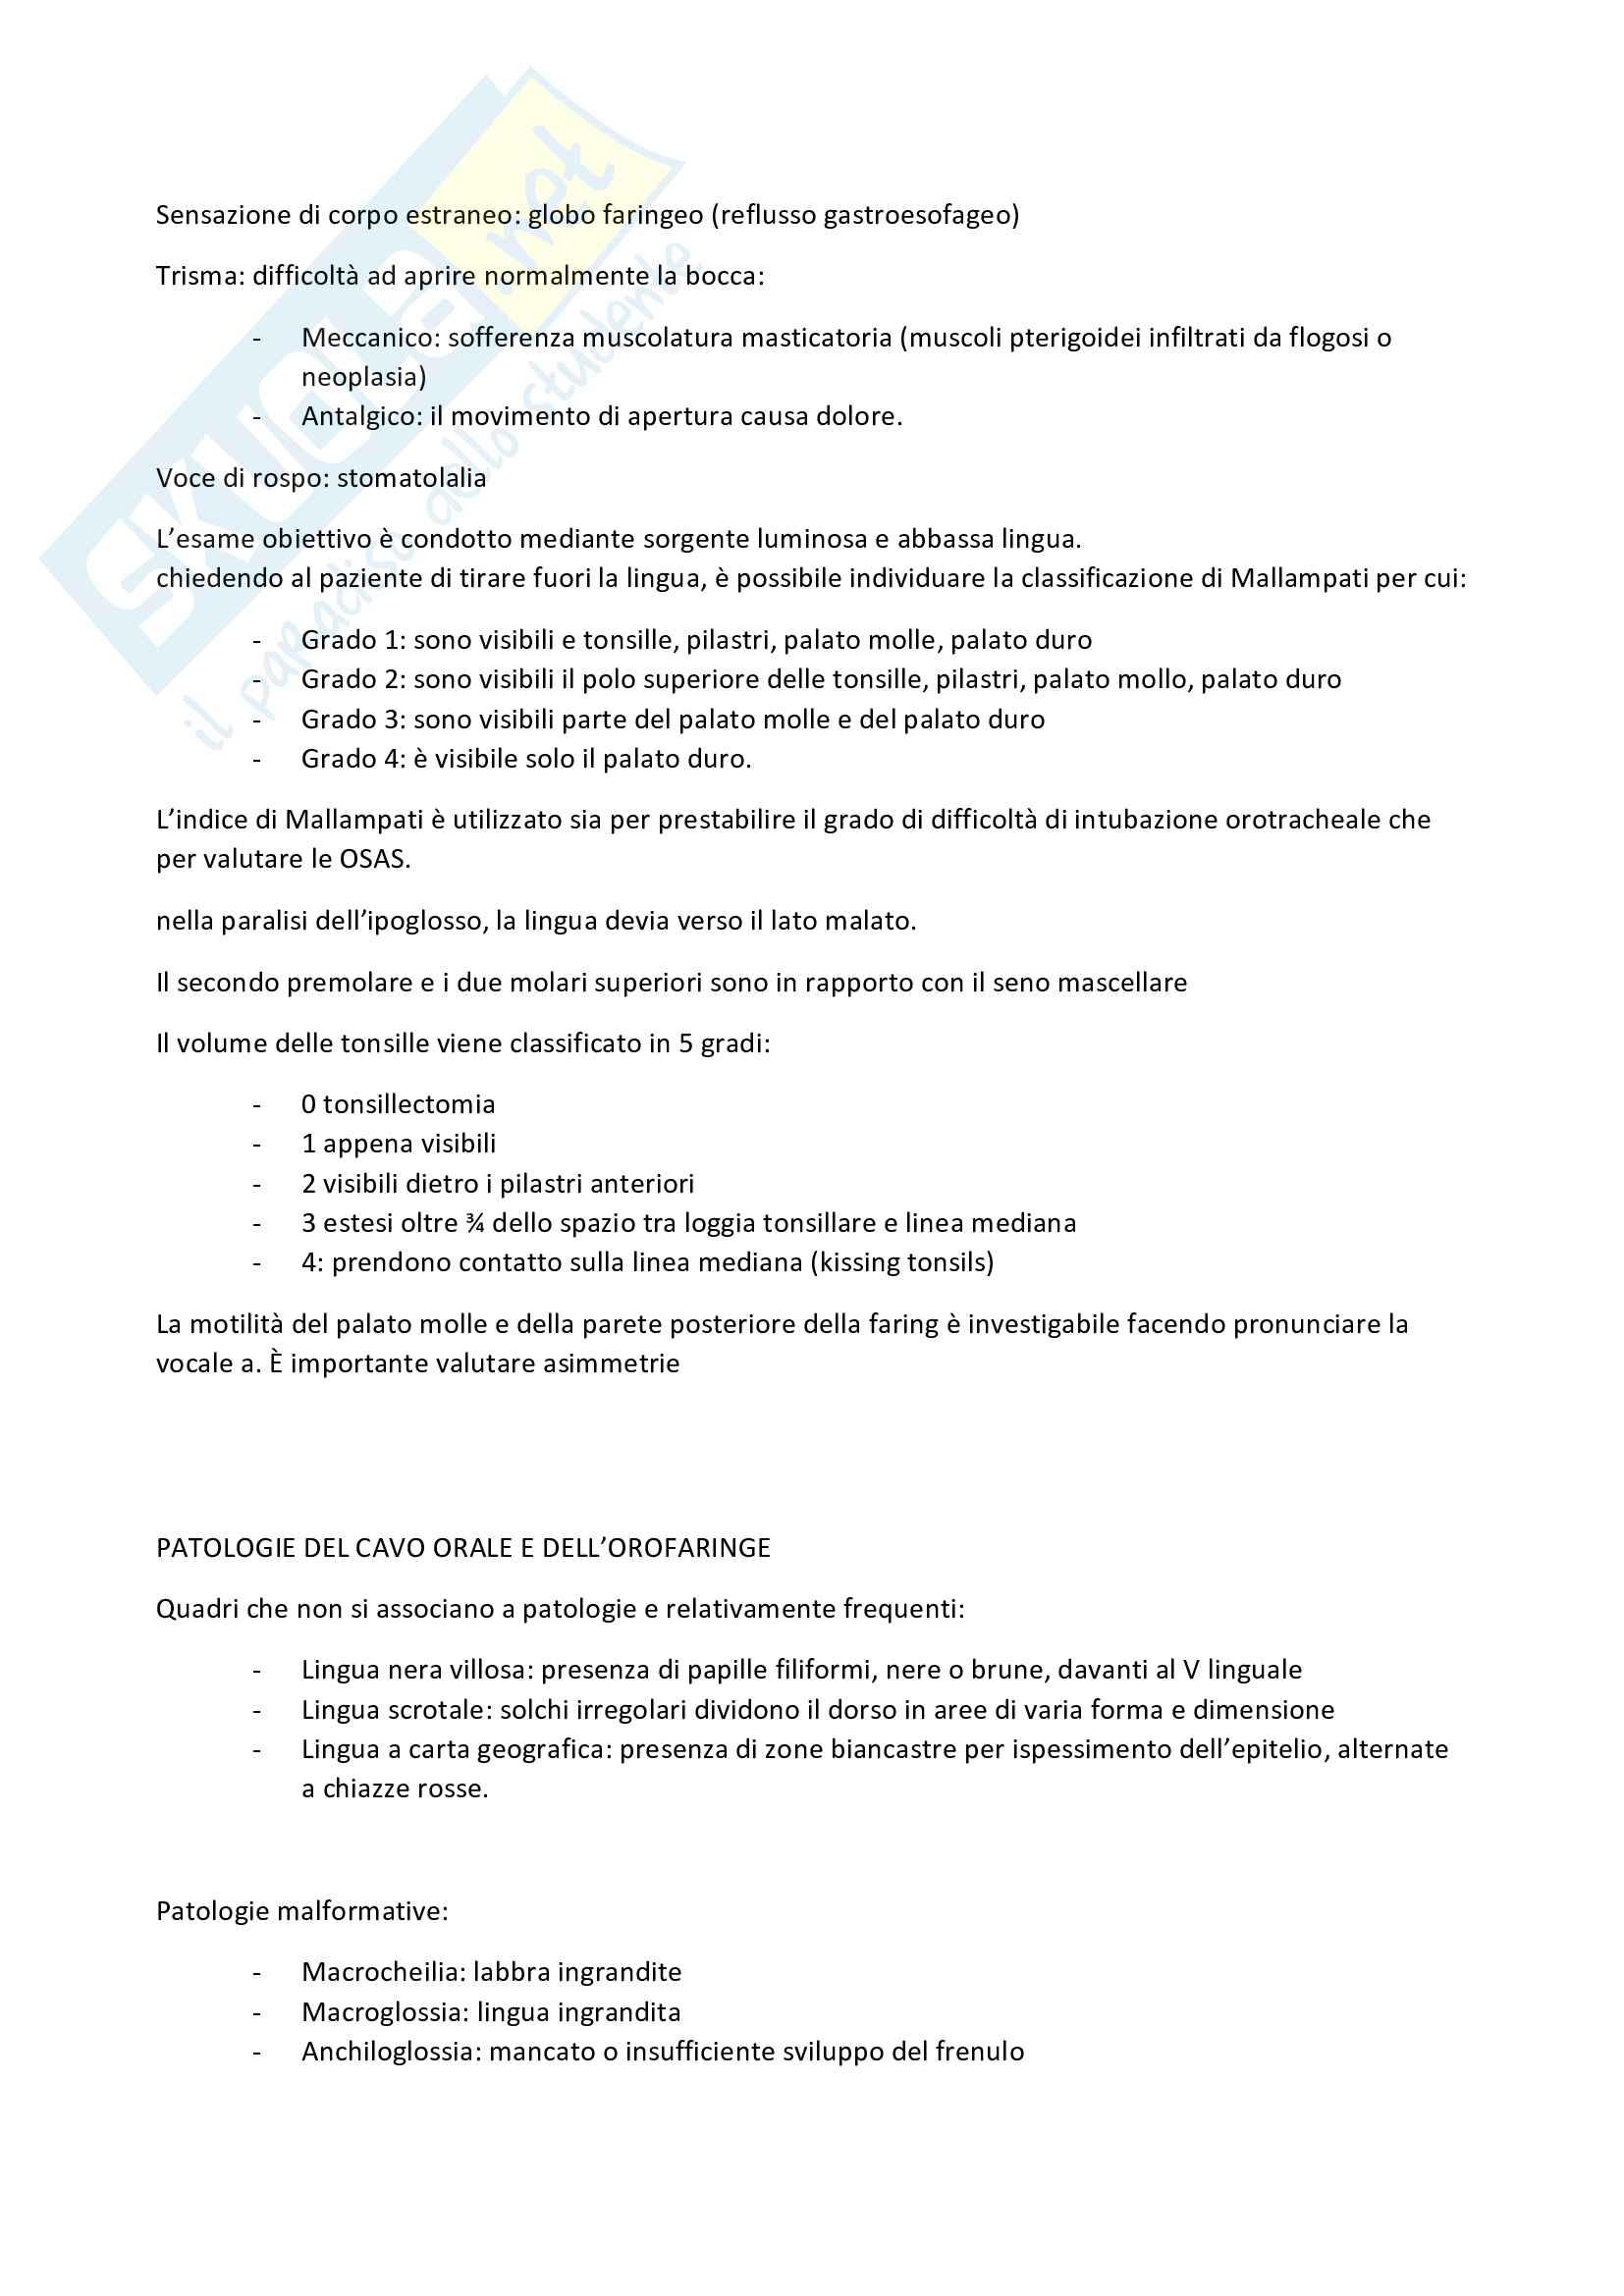 Patologie del cavo orale e dell'orofaringe Pag. 2